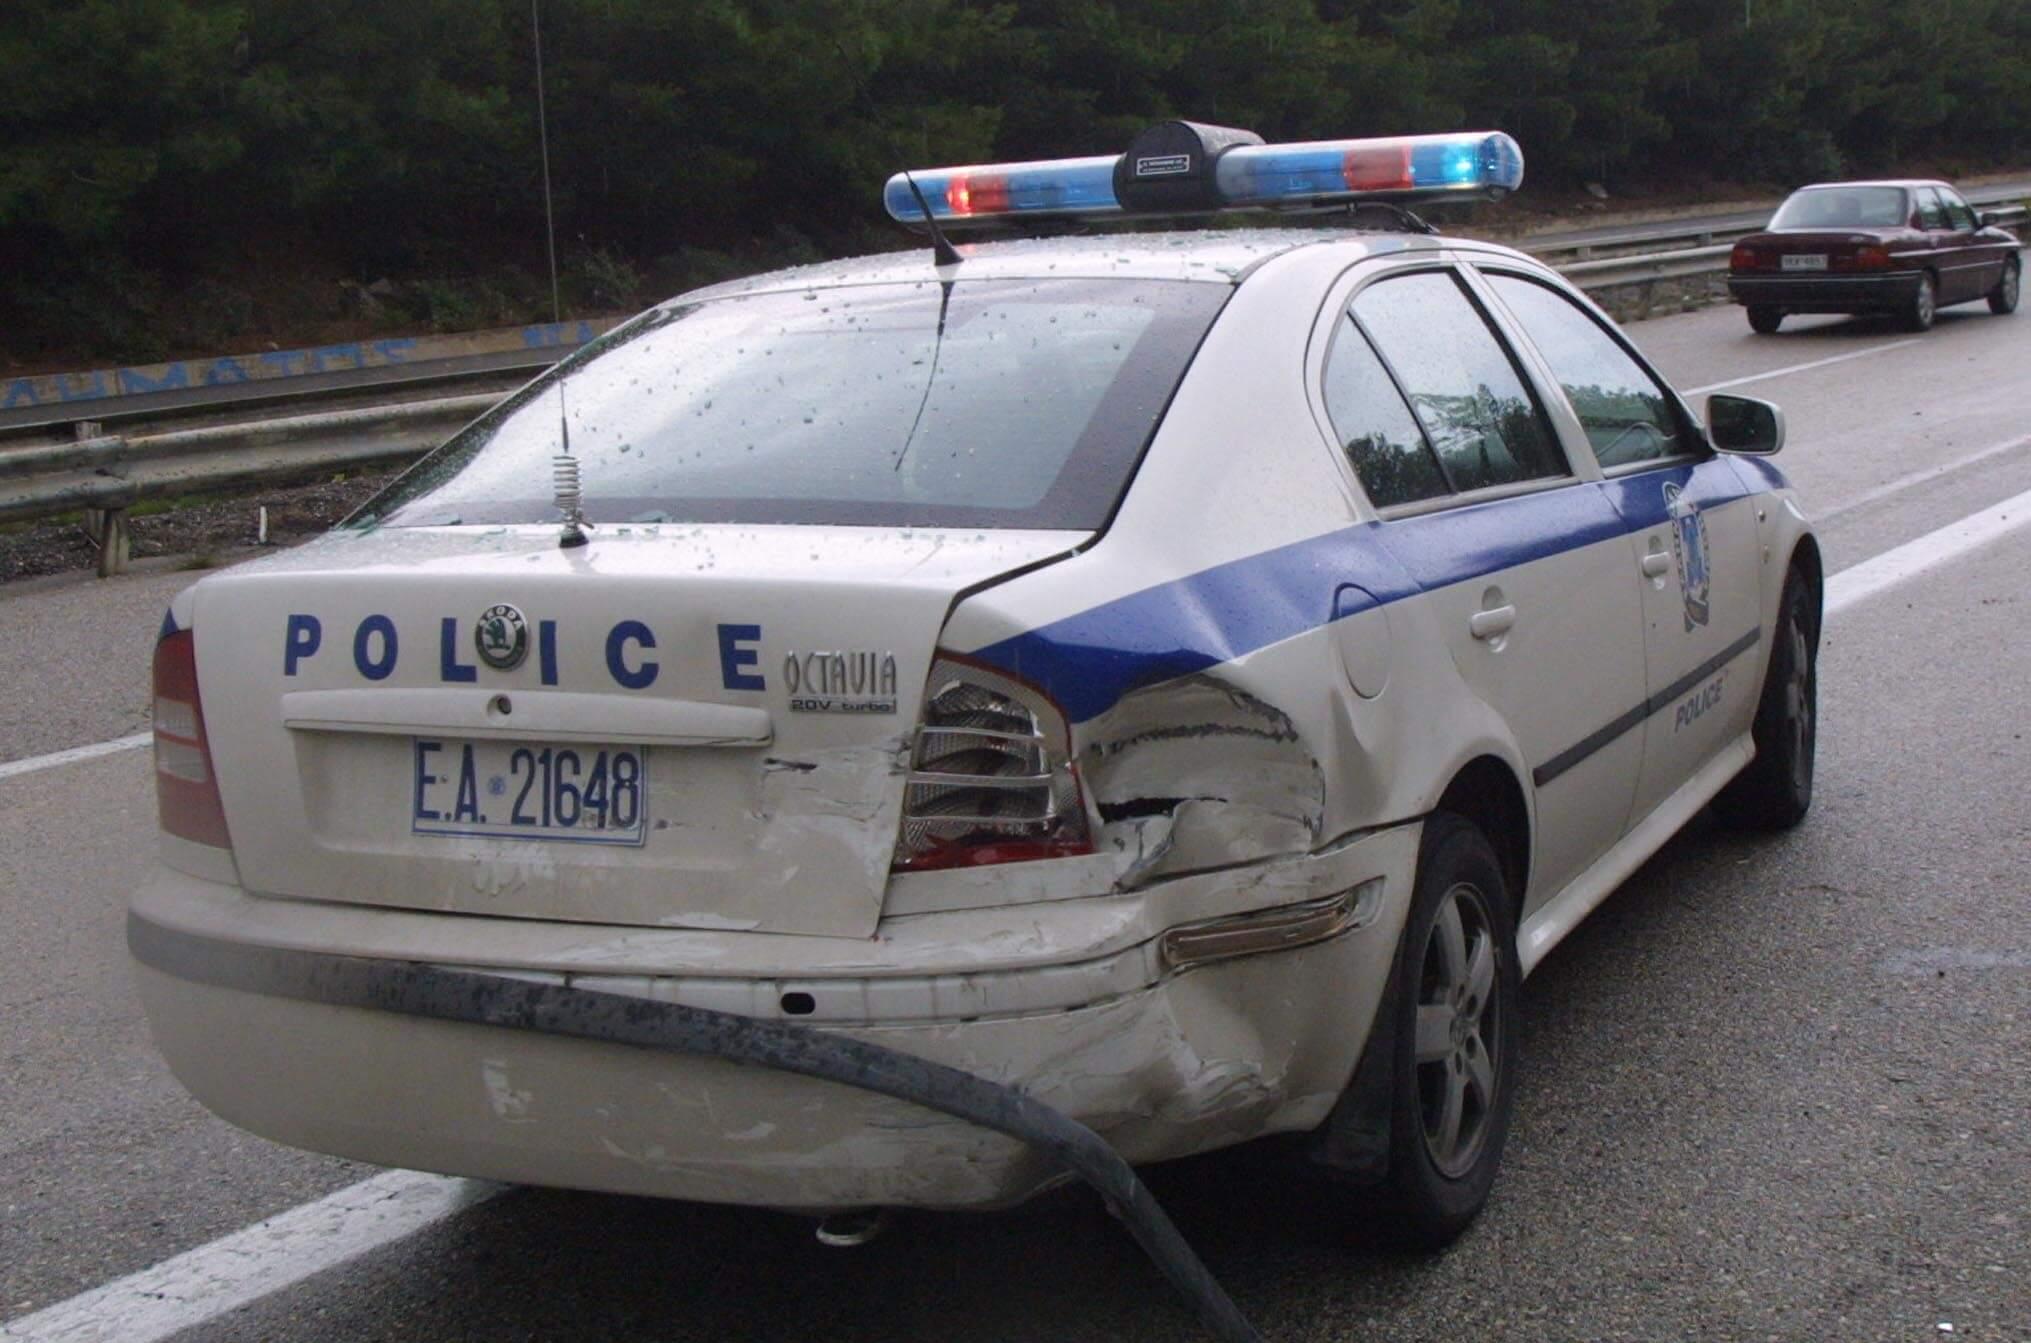 Ηράκλειο: Ενέδρα σε αστυνομικούς που πήγαν να βοηθήσουν κατάκοιτο άντρα – Γυαλιά καρφιά το περιπολικό!